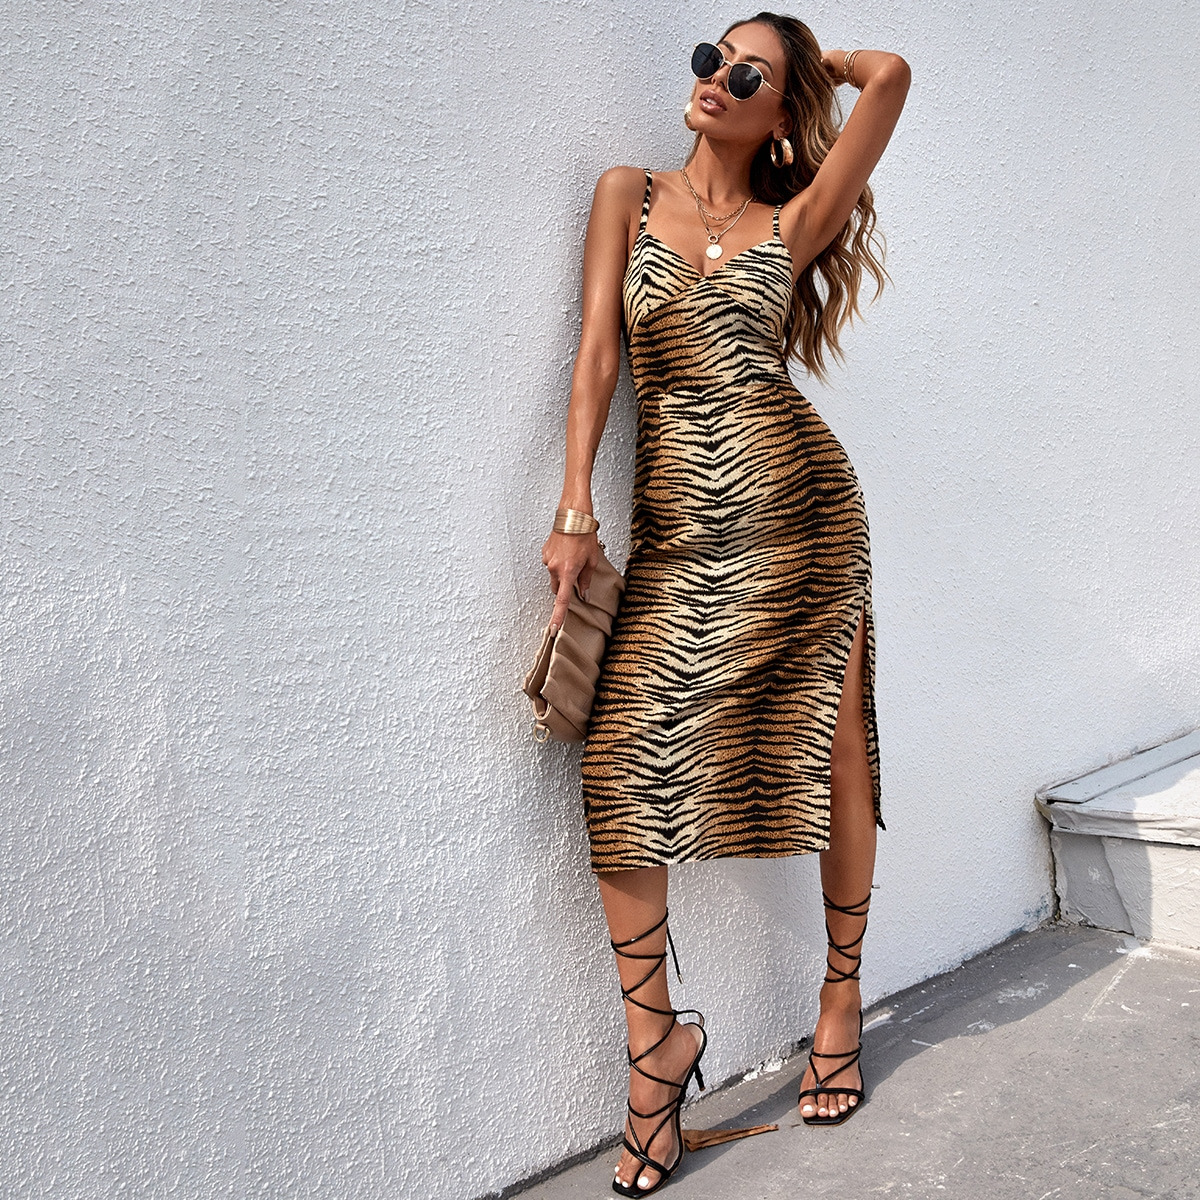 Платье на бретельках с тигровым принтом по цене 840